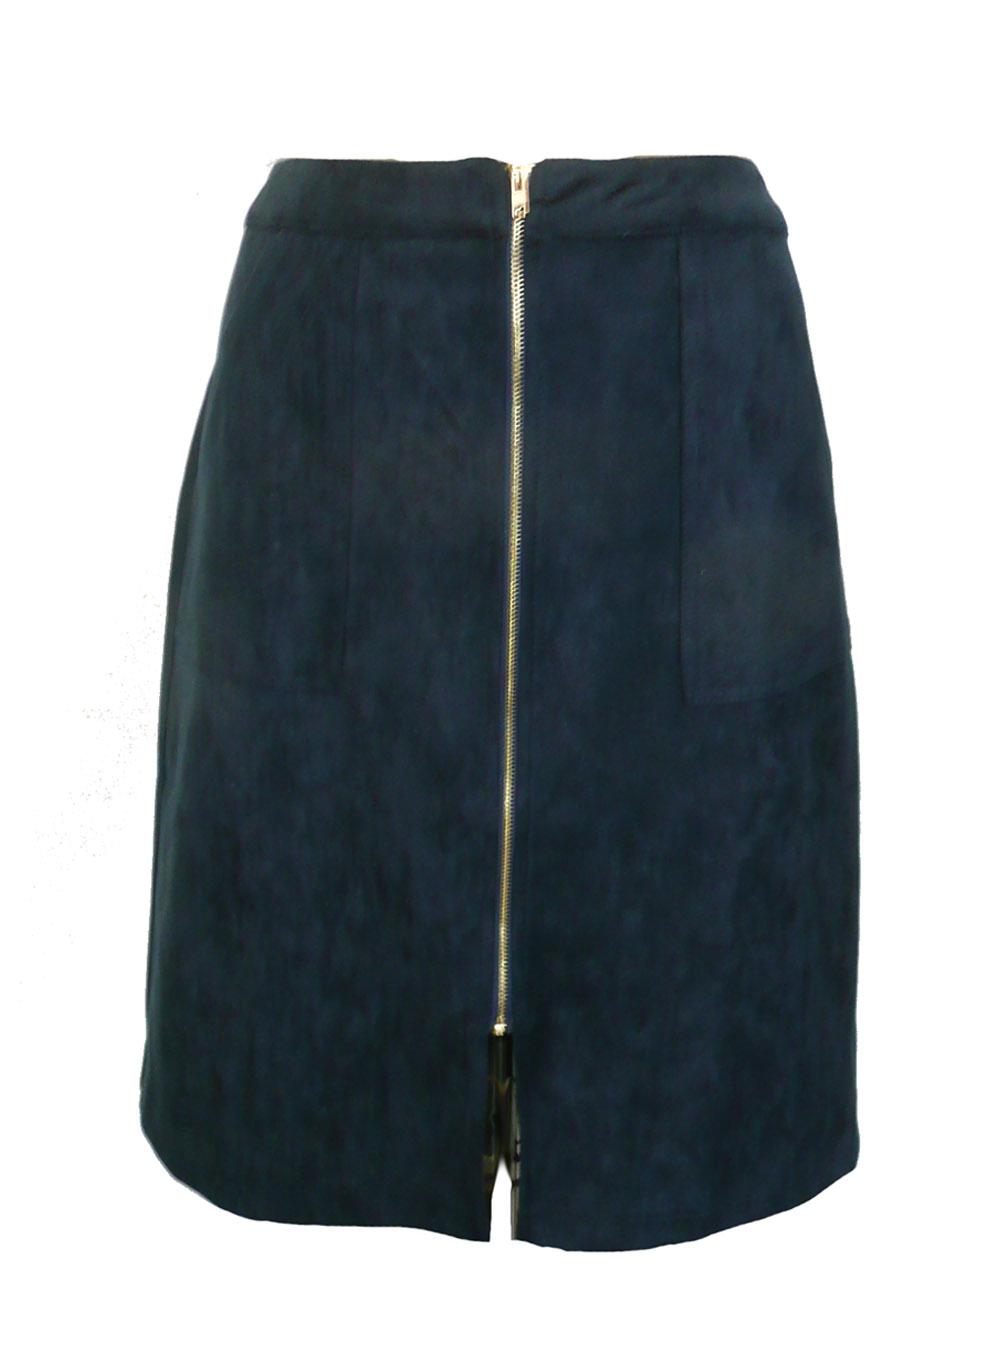 skirt navy faux suede.jpg